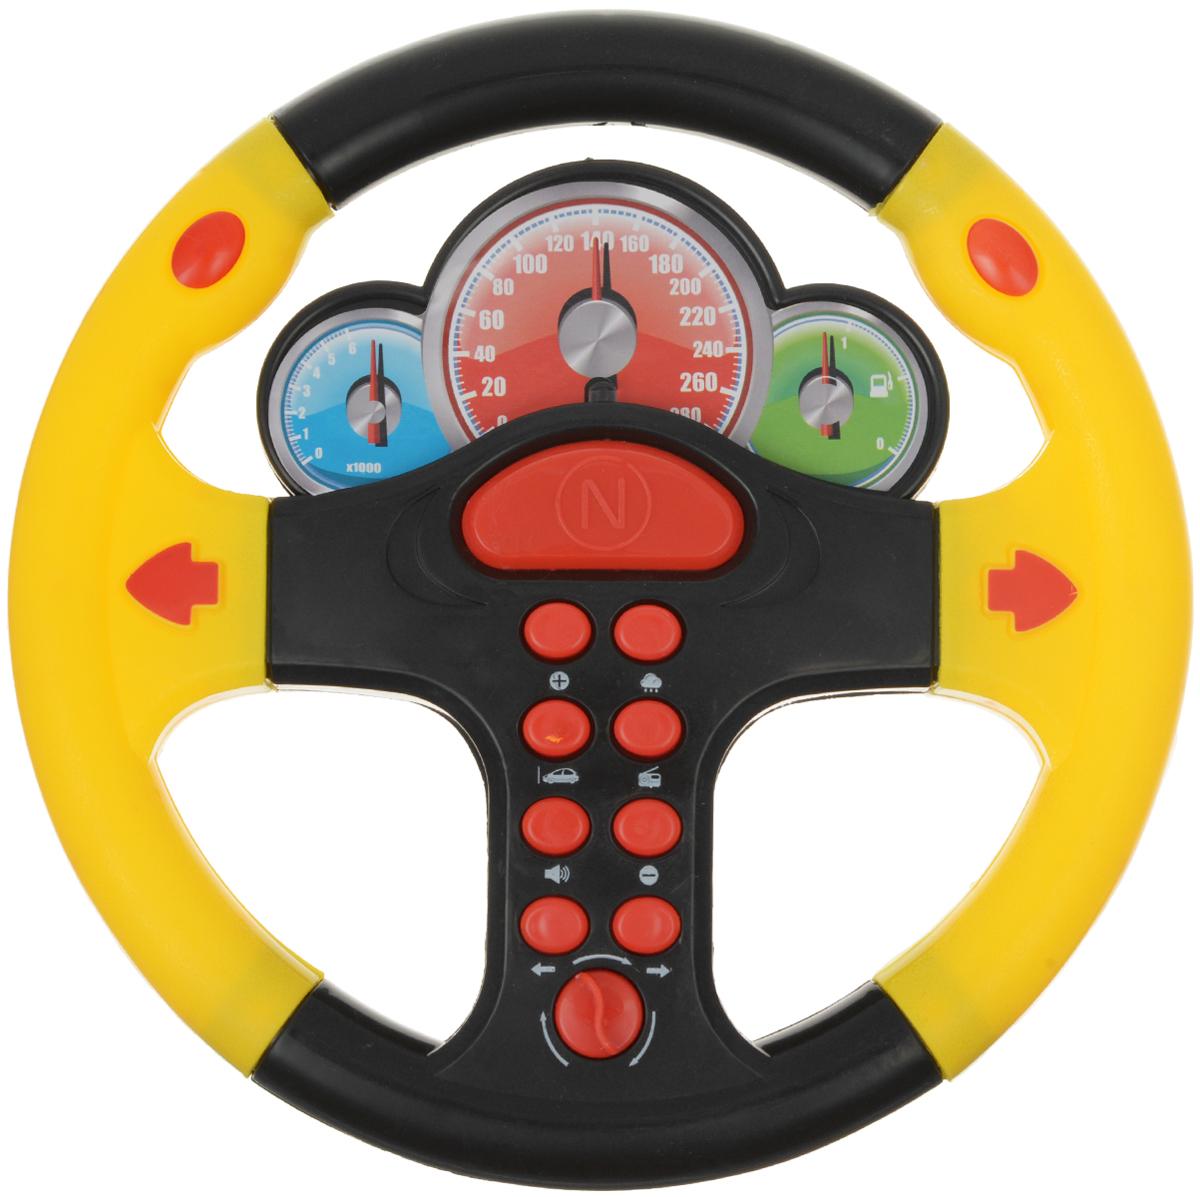 ABtoys Игрушечный музыкальный руль цвет черный желтый красныйPT-00419Игрушечный музыкальный руль ABtoys со световыми и звуковыми эффектами не оставит равнодушным вашего юного автолюбителя. Теперь ваш ребенок сможет фантазировать и представлять себя водителем в любом месте: и дома, сидя на стуле, и на заднем сиденье автомобиля во время поездки. Руль выполнен из безопасного для ребенка материала. Порадуйте свое драгоценное чадо столь интересным, занимательным и развлекательным подарком. Необходимо купить 3 батарейки напряжением 1,5V типа АА (не входят в комплект).